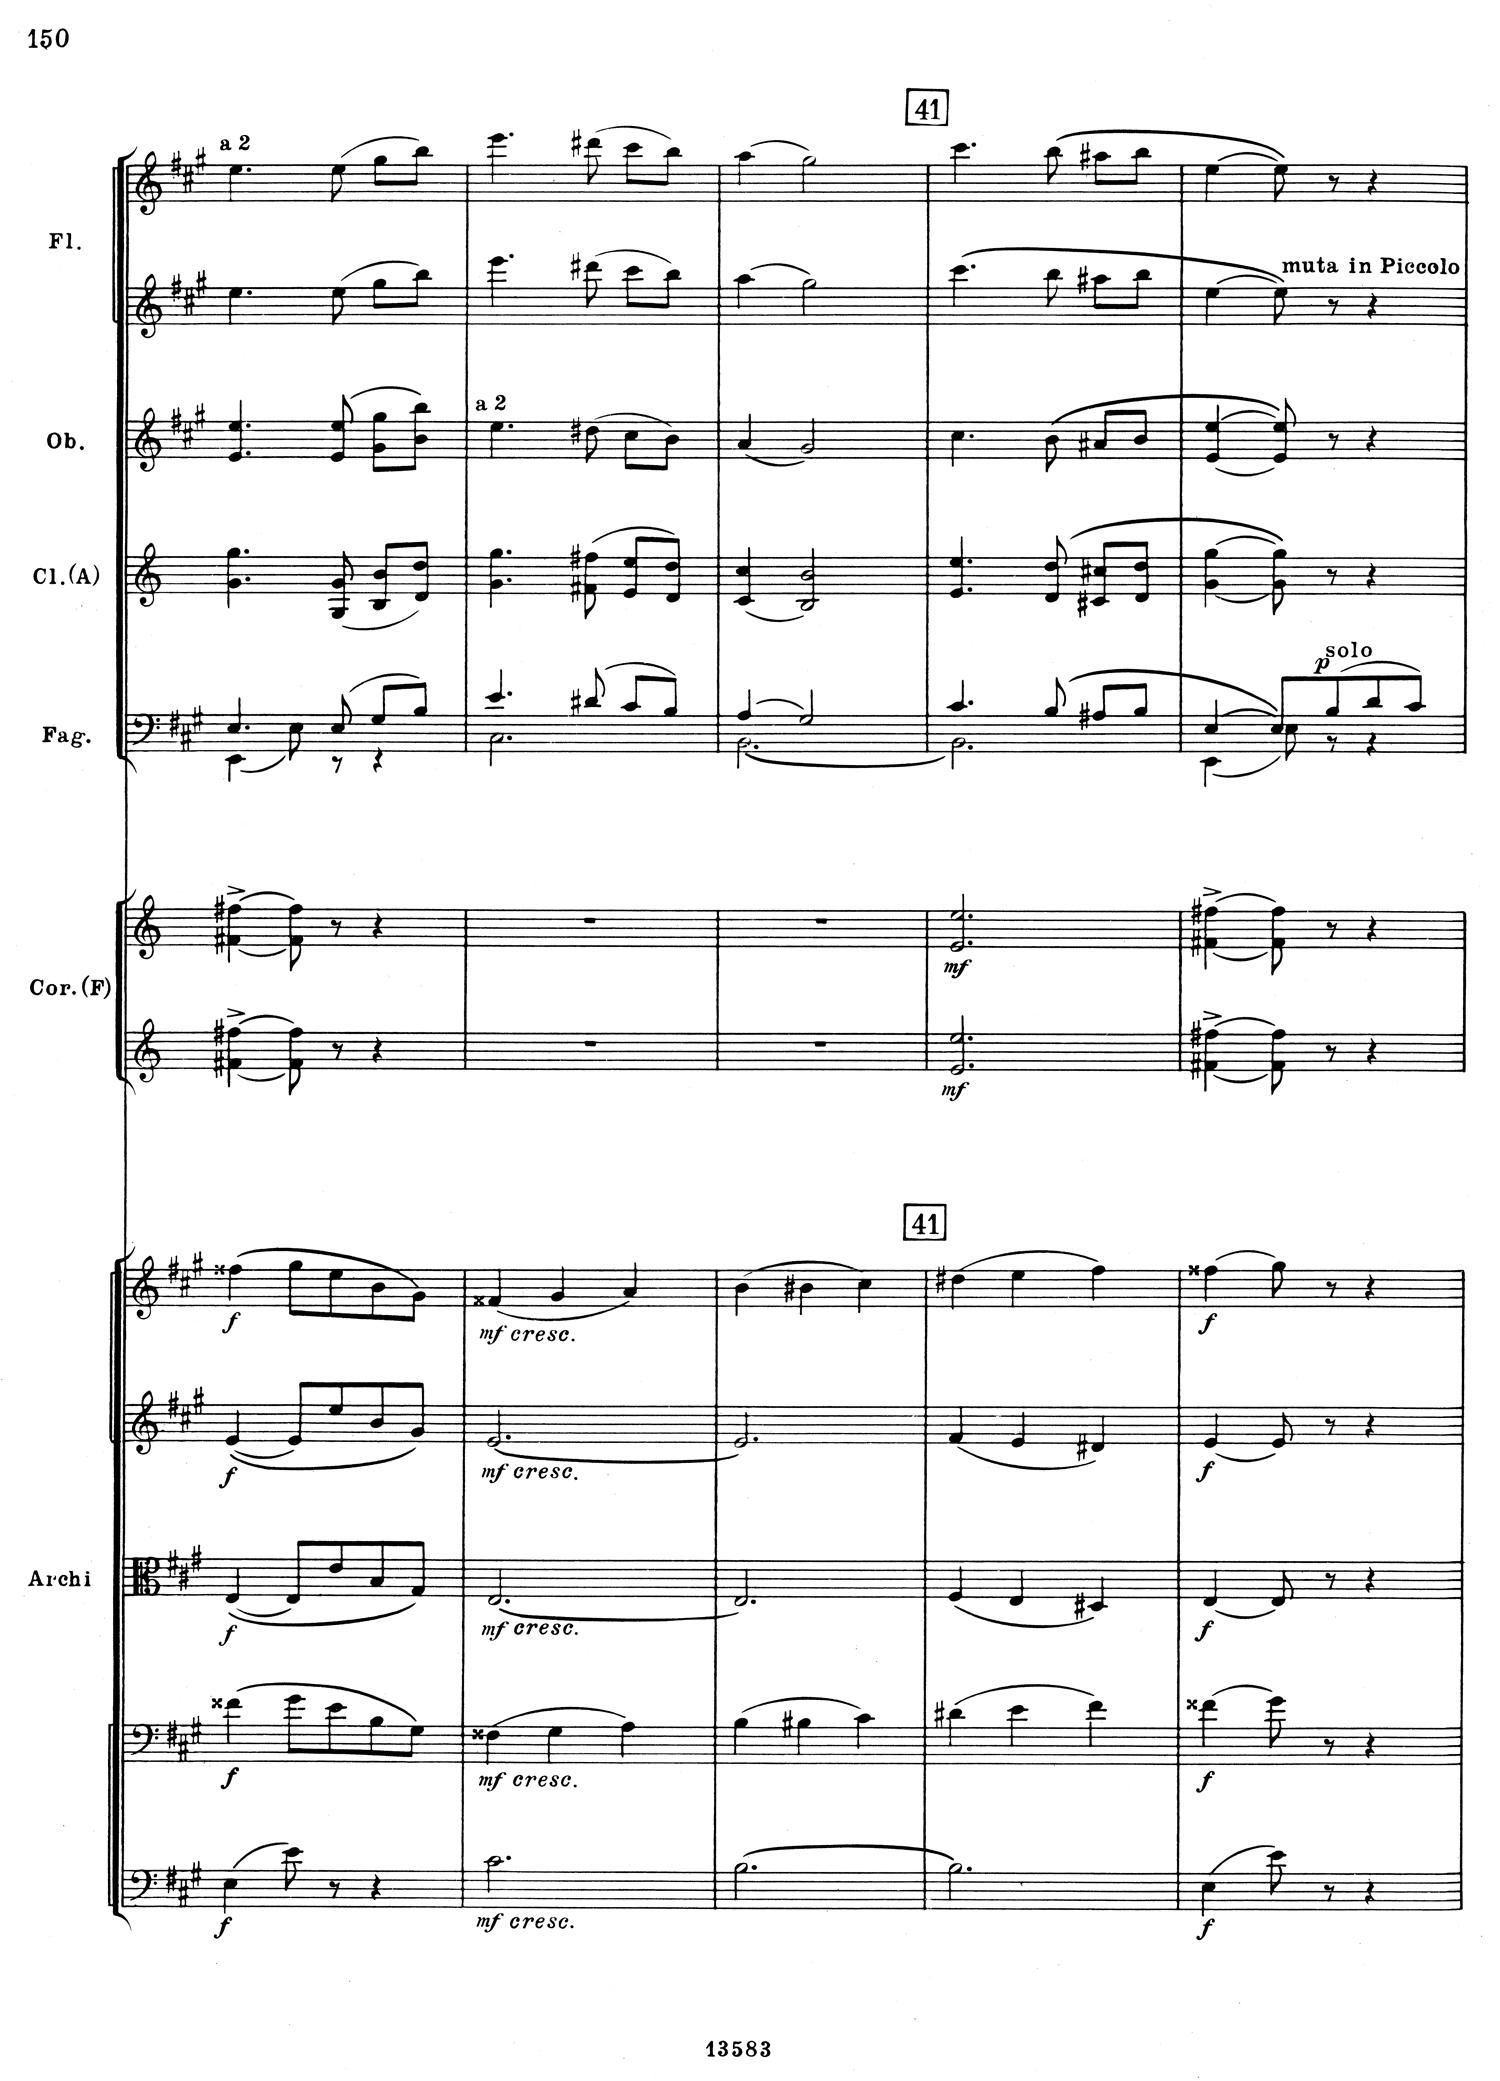 Tchaikovsky 5 Mvt 3 Score 5.jpg